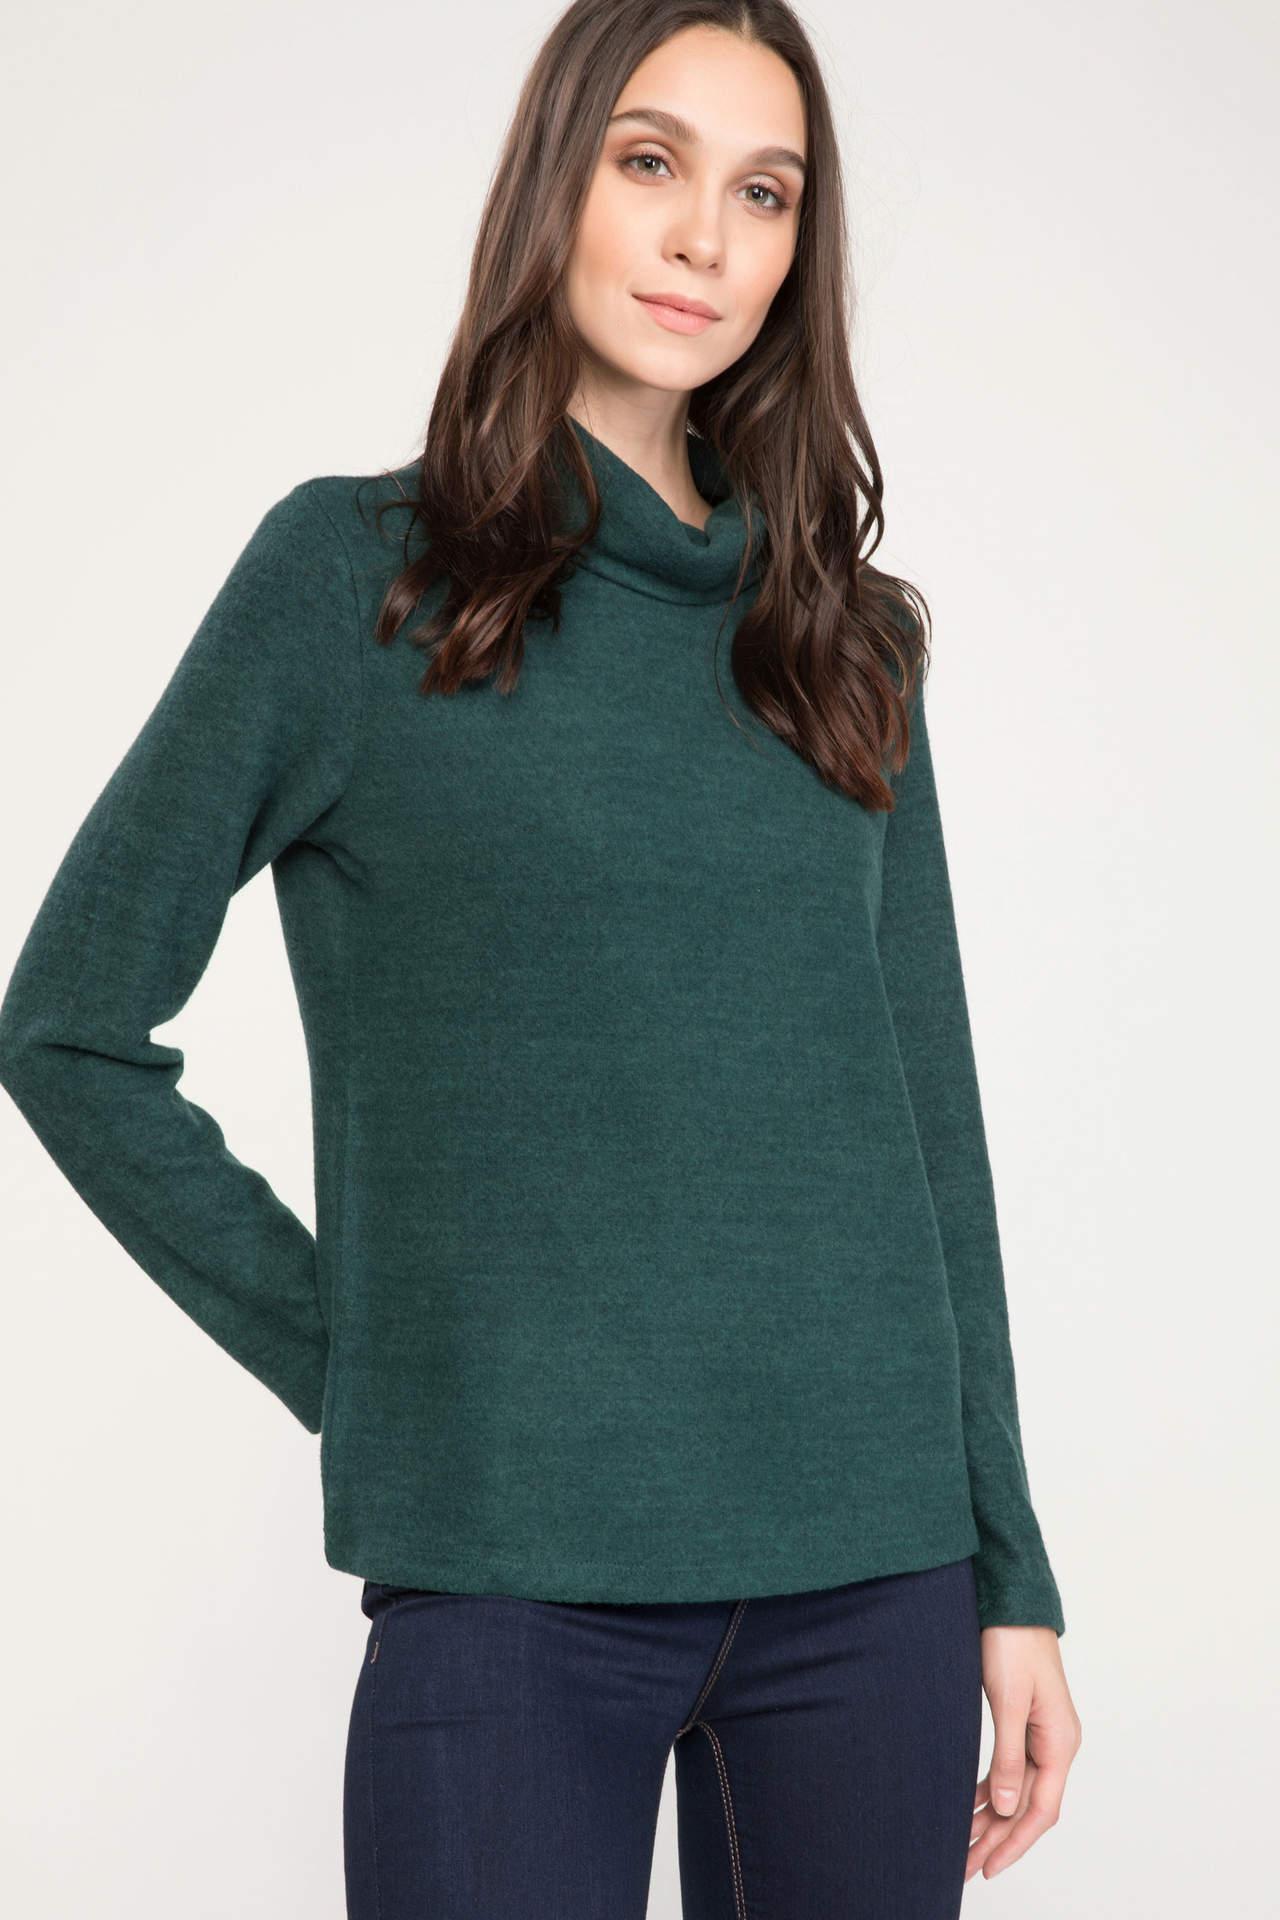 DeFacto Kadın Basic Uzun Kollu Boğazlı T-shirt Yeşil female